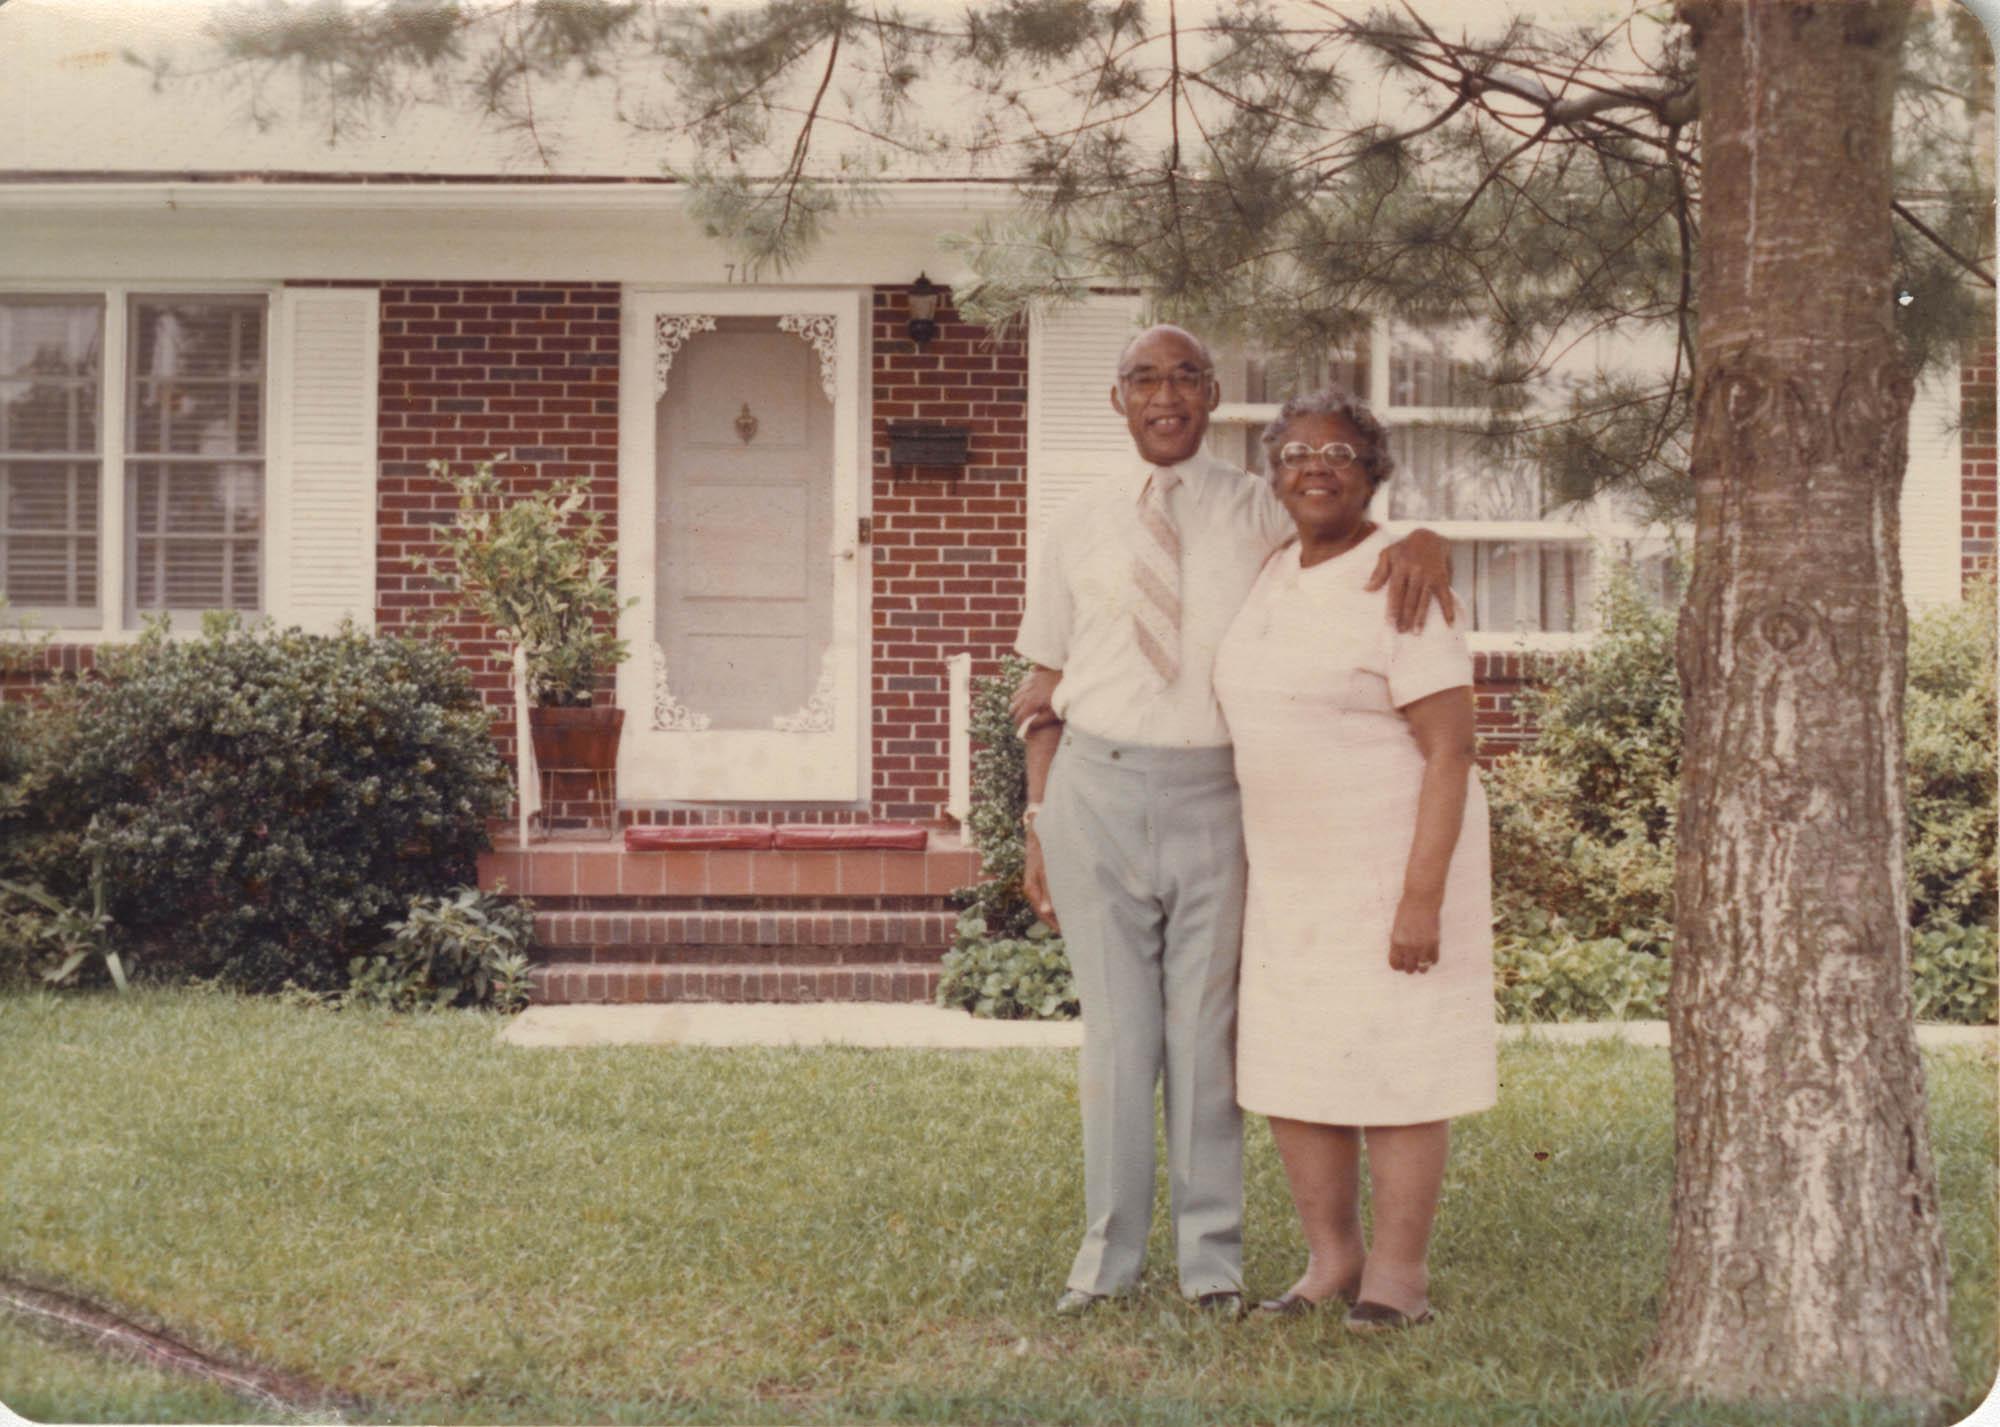 Photograph of Arthurlee Brown McFarlin and Livingston McFarlin Embracing Outside of Home